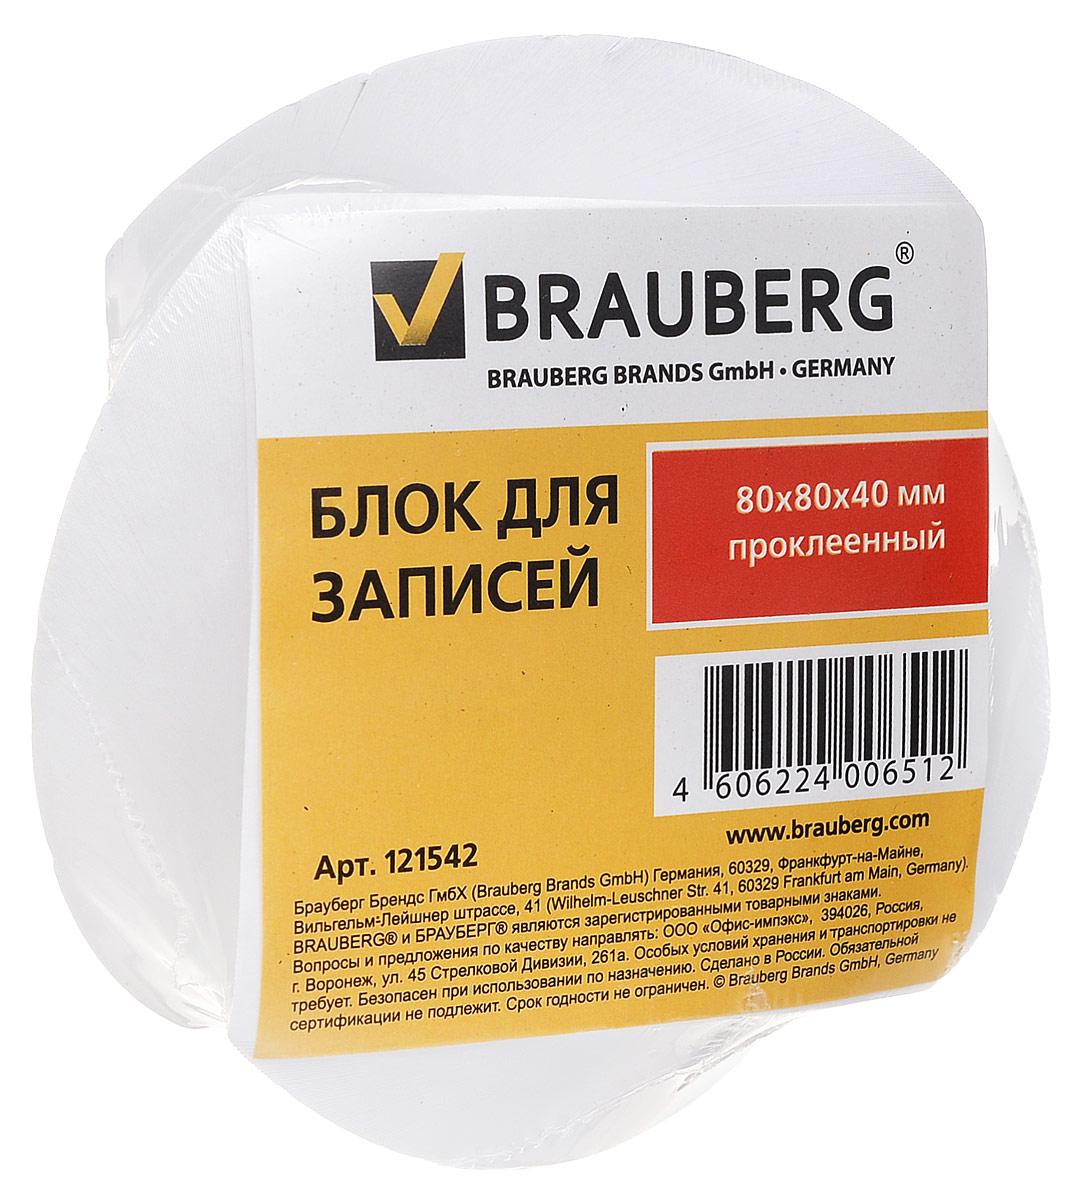 Brauberg Бумага для заметок 8 х 8 см 400 листов спираль121542Бумага для заметок Brauberg непременно привлечет к себе внимание.Бумага состоит из четырехсот белых листочков, которые удобны для заметок, объявлений и других коротких сообщений. Листочки легко приклеиваются к любой поверхности, будь то бумага, корпус монитора или дверь. Также они не оставляют следов после отклеивания.Блок бумаги выполнен в виде спирали.Идеально подходит для быстрой фиксации информации.